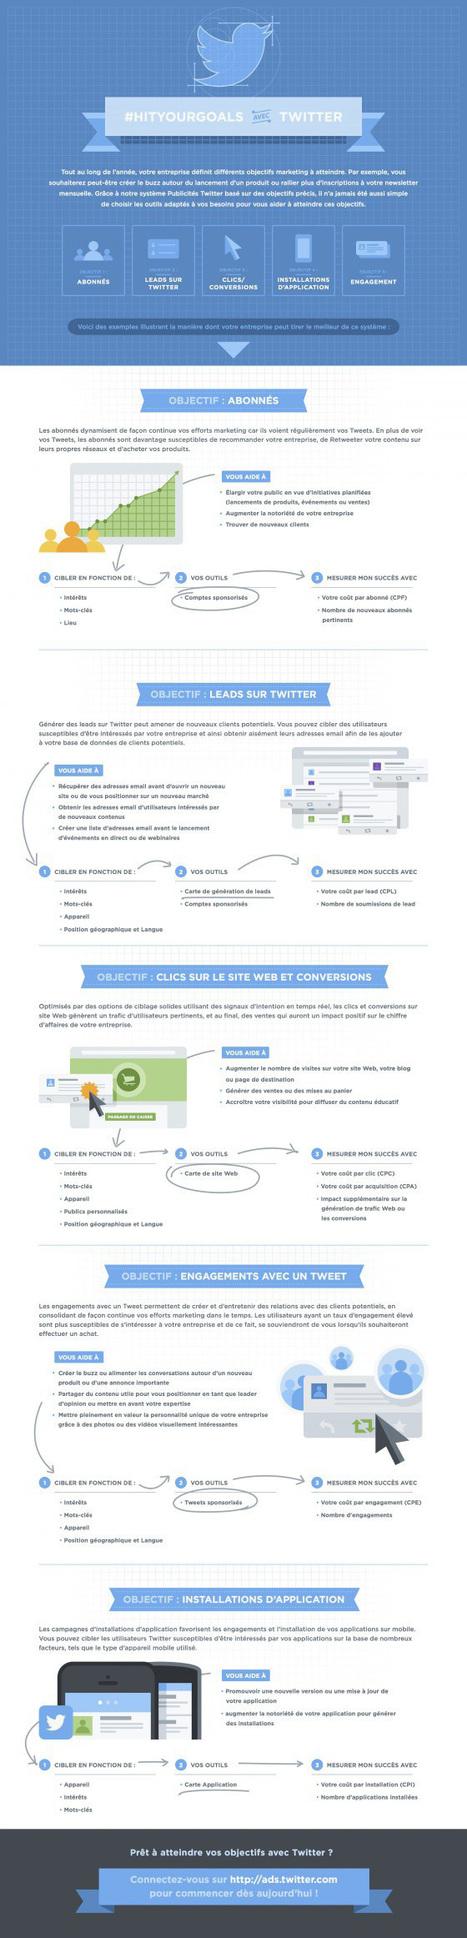 Infographie Twitter Ads : débuter avec les annonces publicitaires sur Twitter | Web information Specialist | Scoop.it